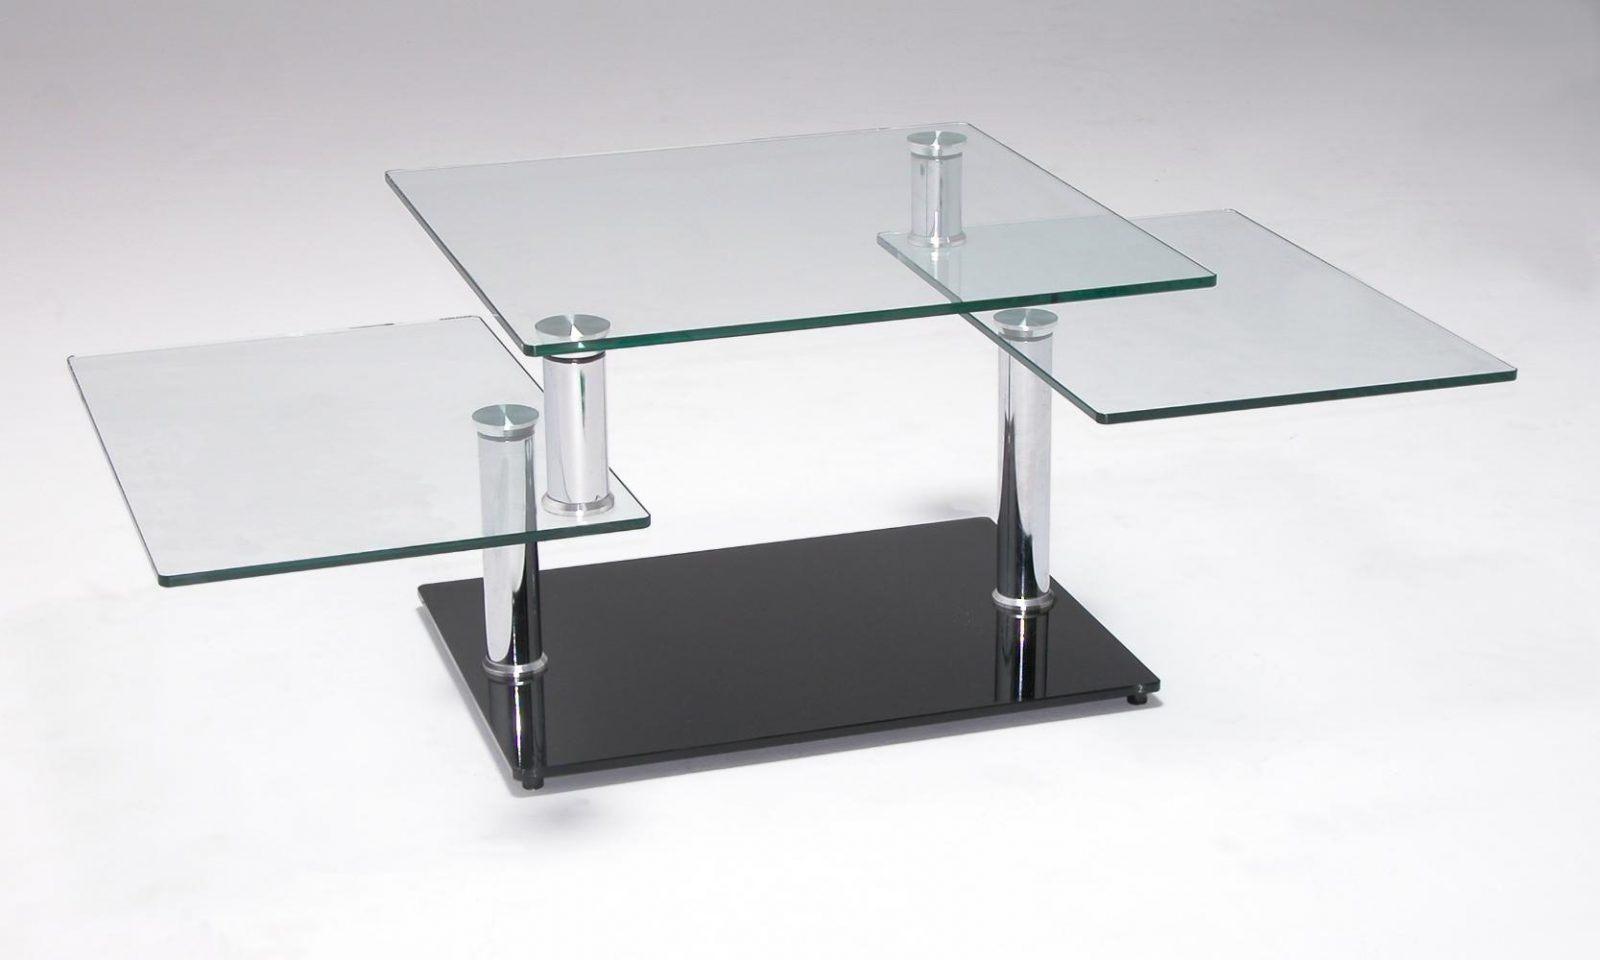 Mesa de centro moderna de vidro  Fotos e imagens